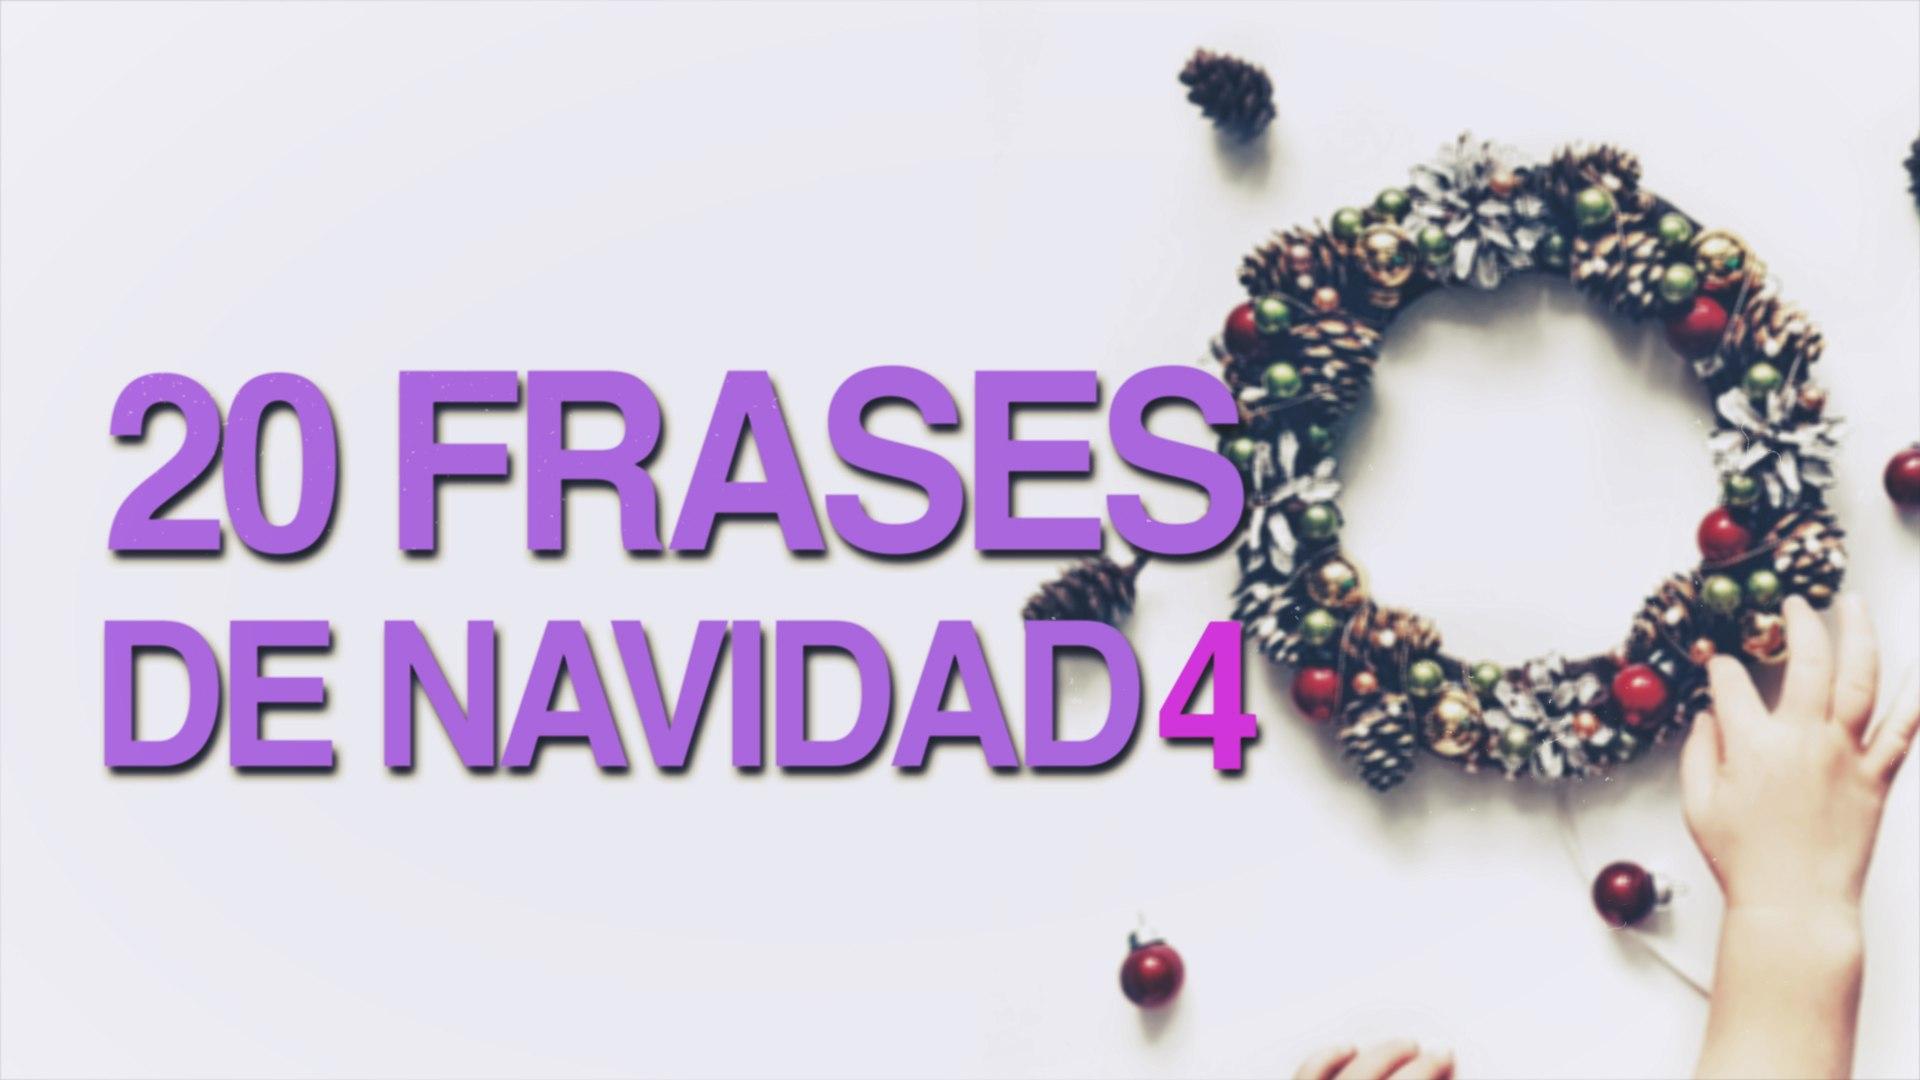 20 Frases De Navidad Para Compartir Con Tus Seres Queridos 4